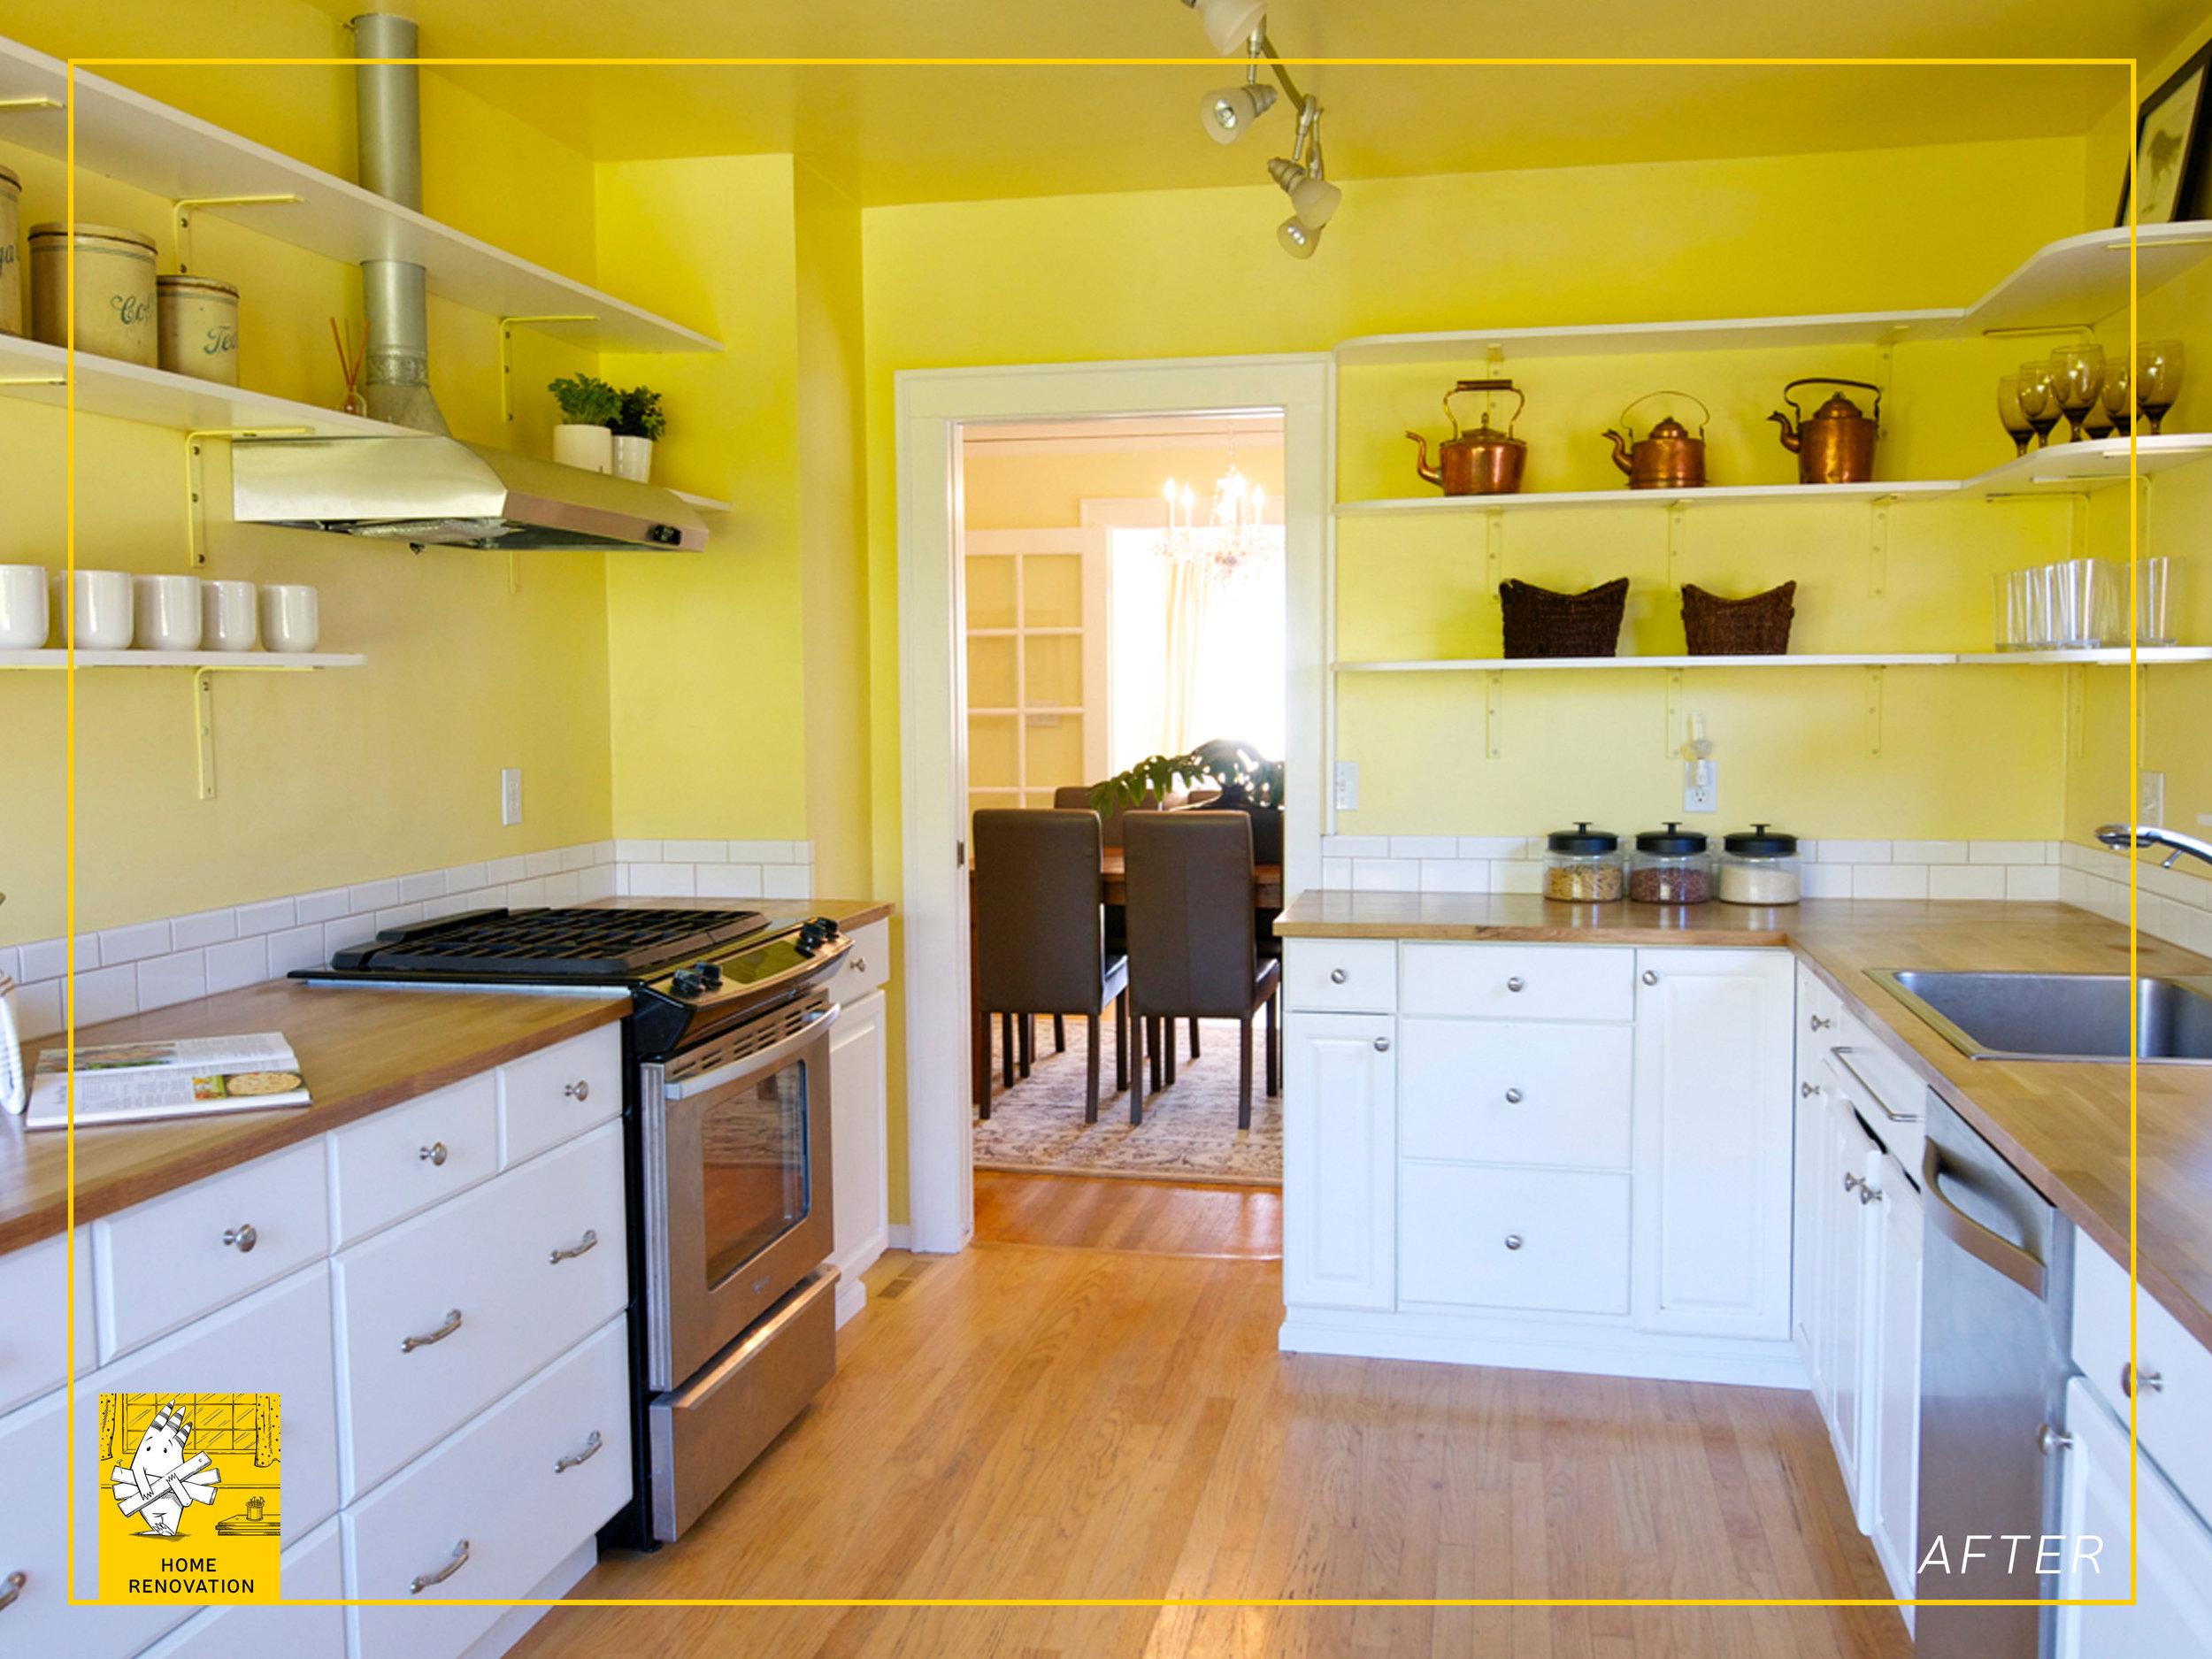 MT home remodel after 2.jpg